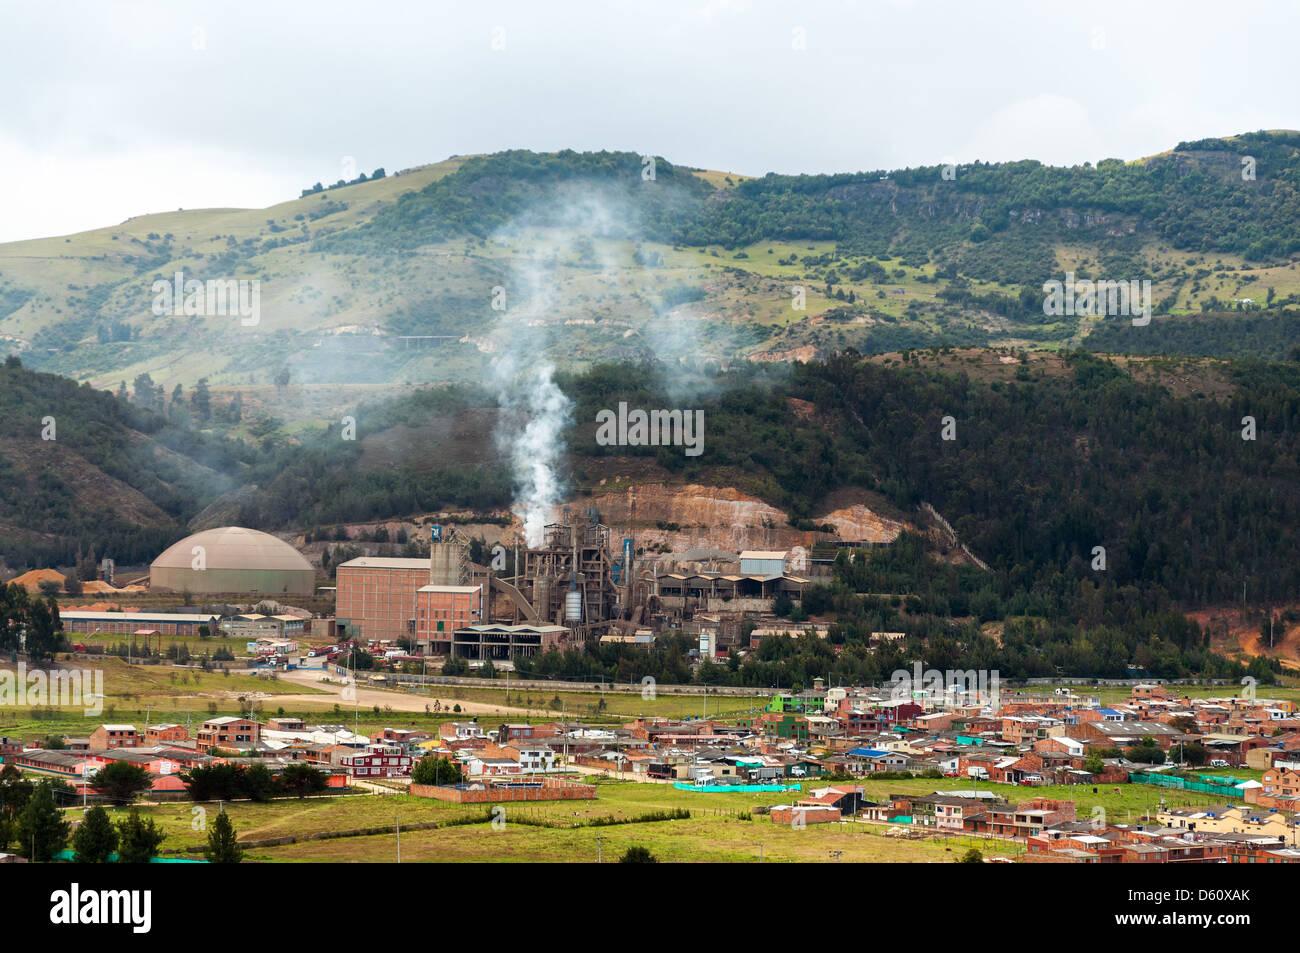 Una fábrica que produce contaminación cerca de un pequeño pueblo Imagen De Stock